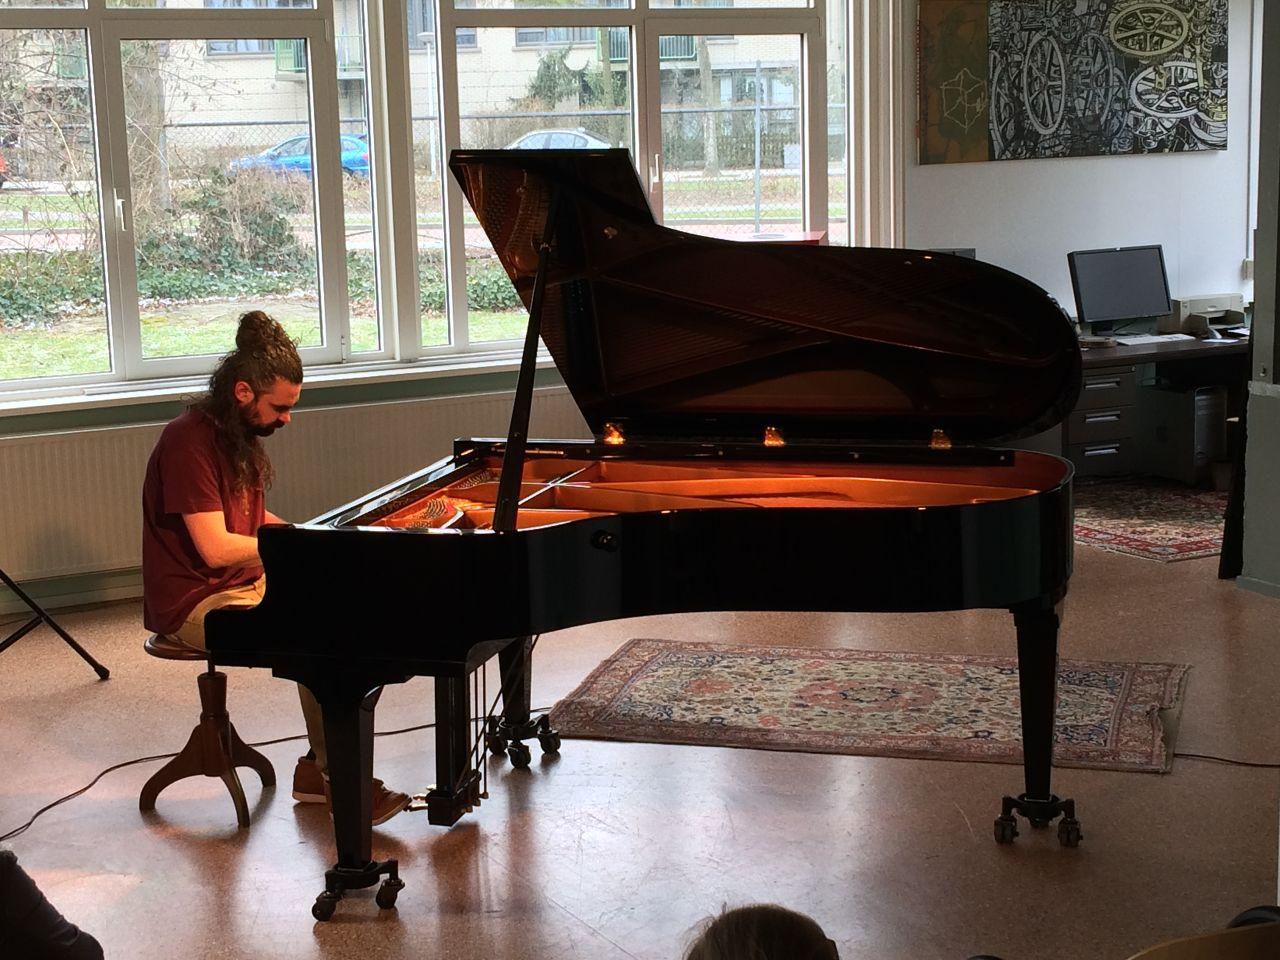 Photo 1 of Paviljoen Ongehoorde Muziek